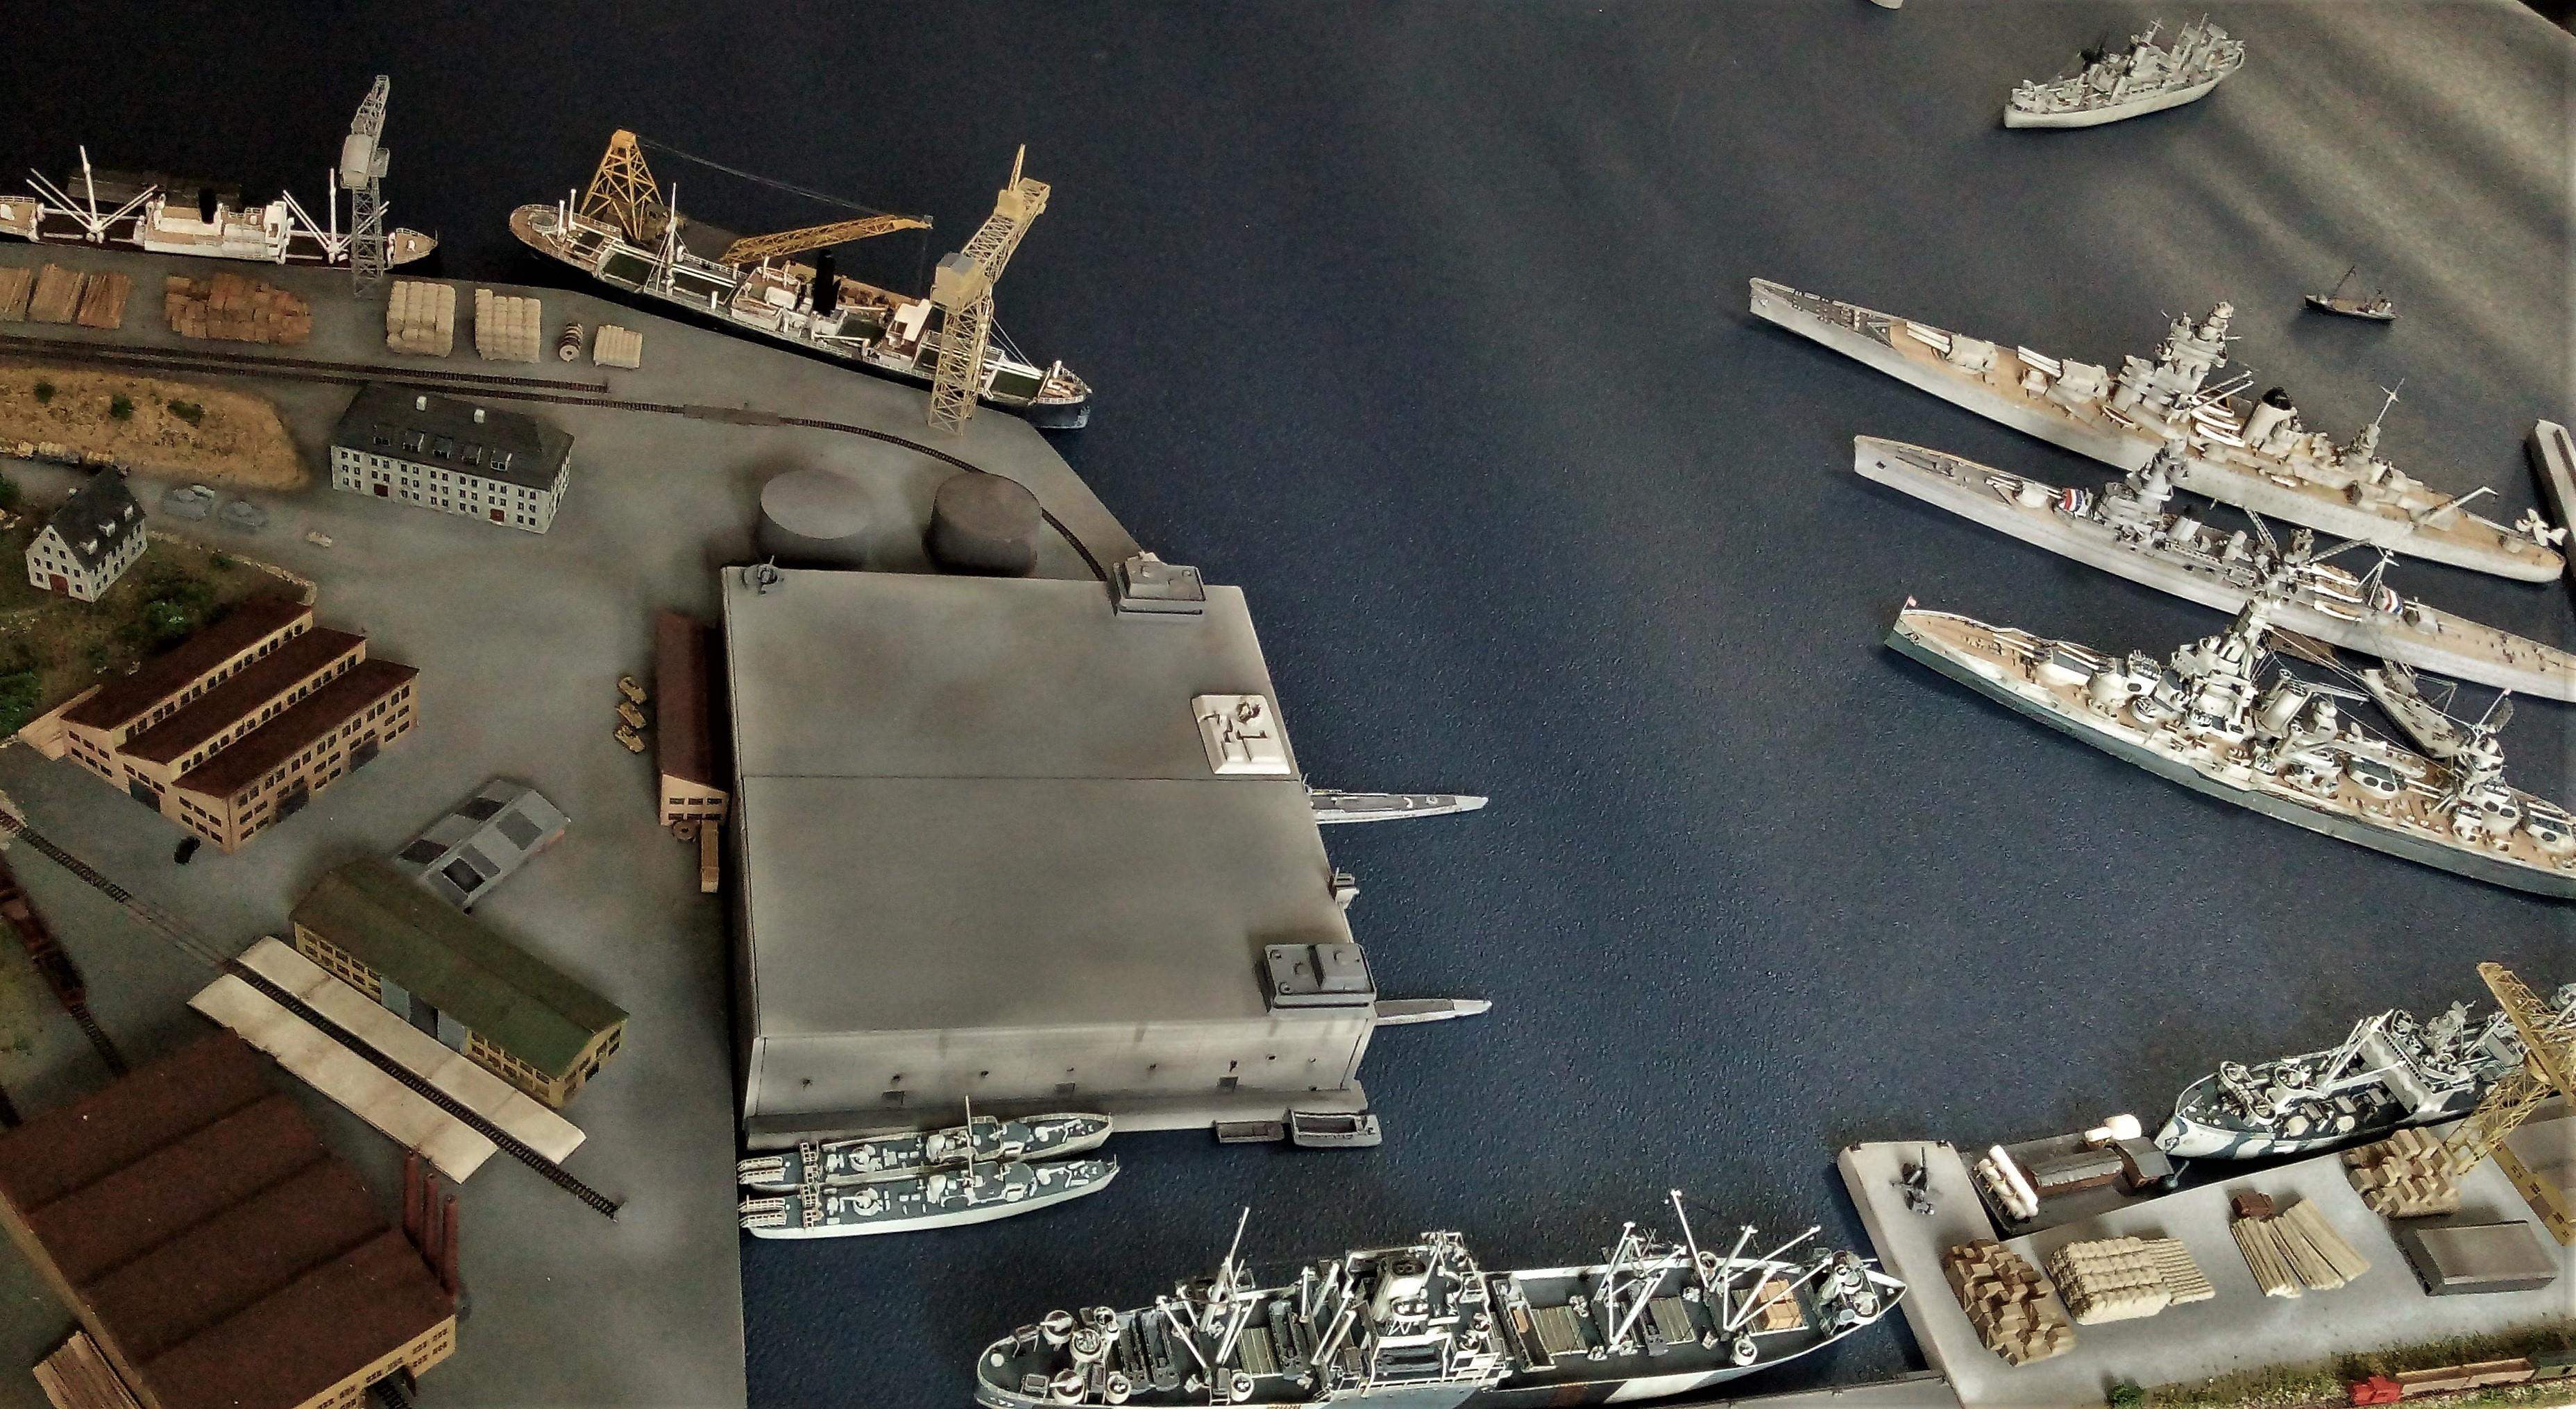 Diorama base navale 1/700 par Nesquik - Page 4 HN1QrXMS6